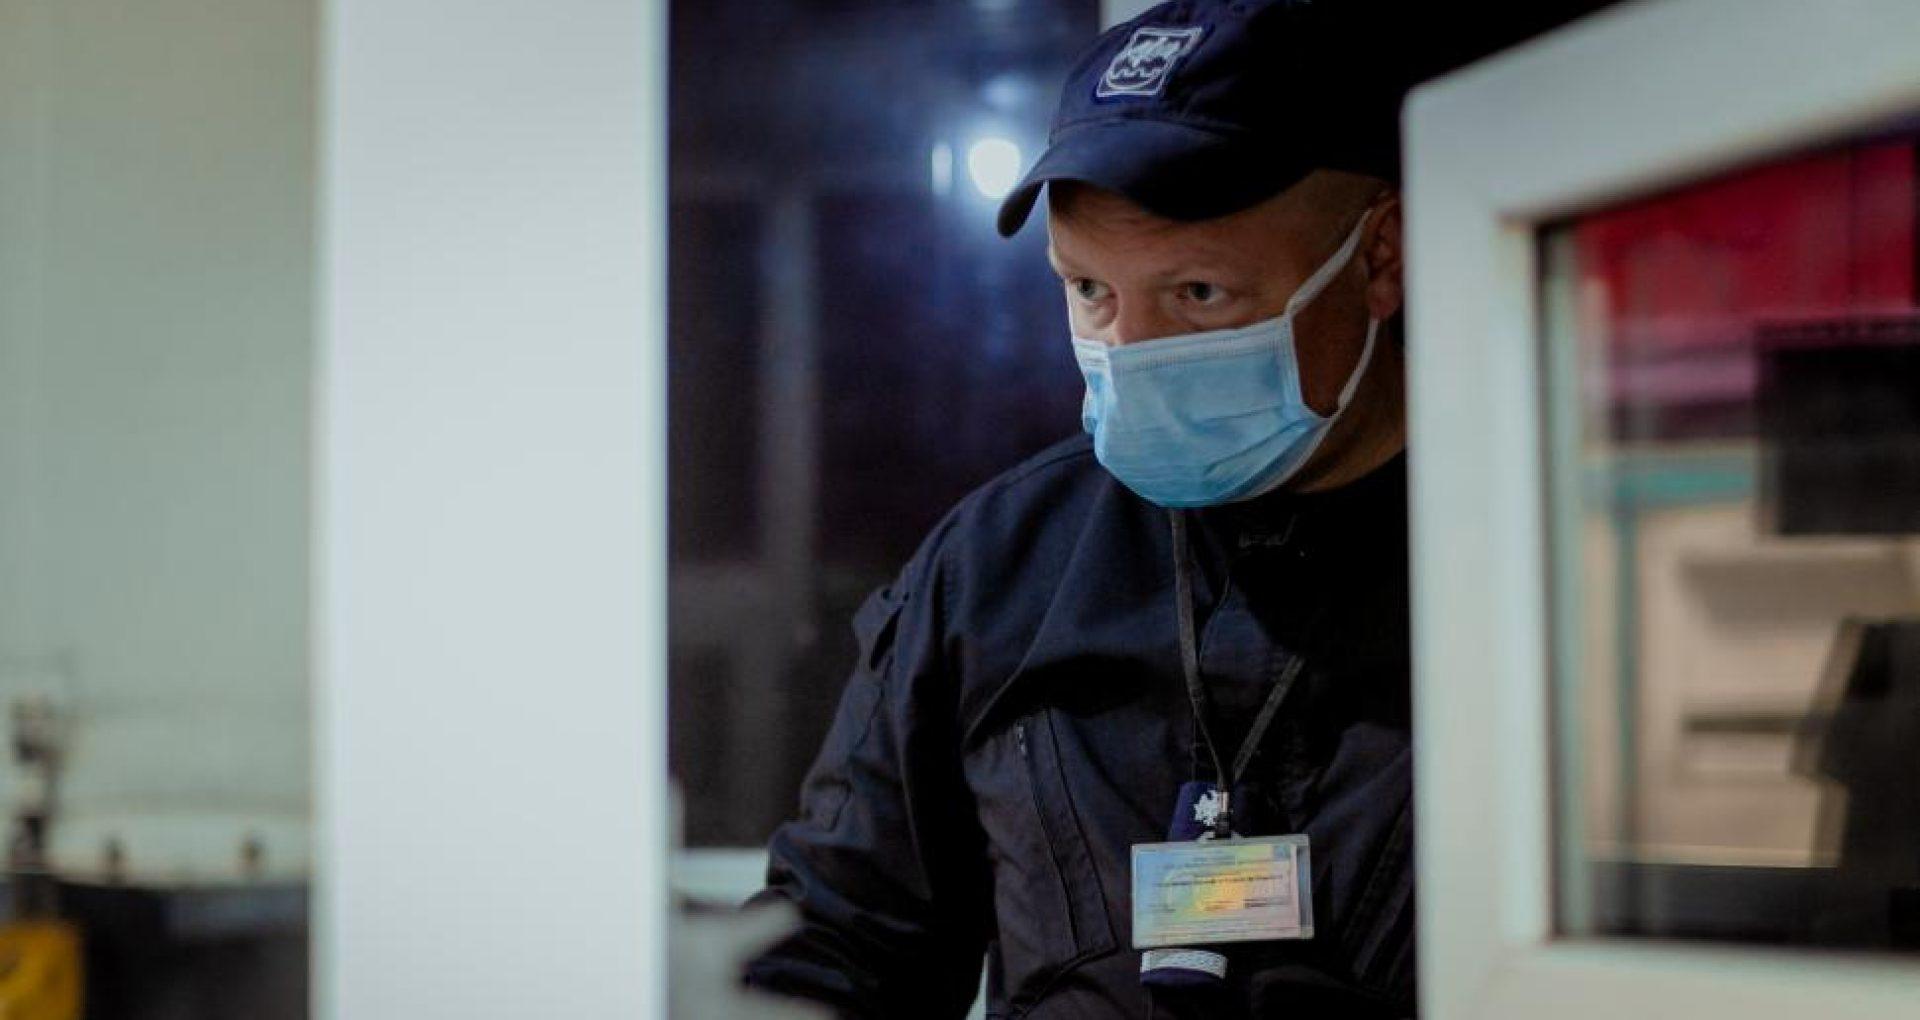 175 de cetățeni, documentați la frontieră, în ultimele 24 de ore, pentru nerespectarea măsurilor de combatere a pandemiei de COVD-19